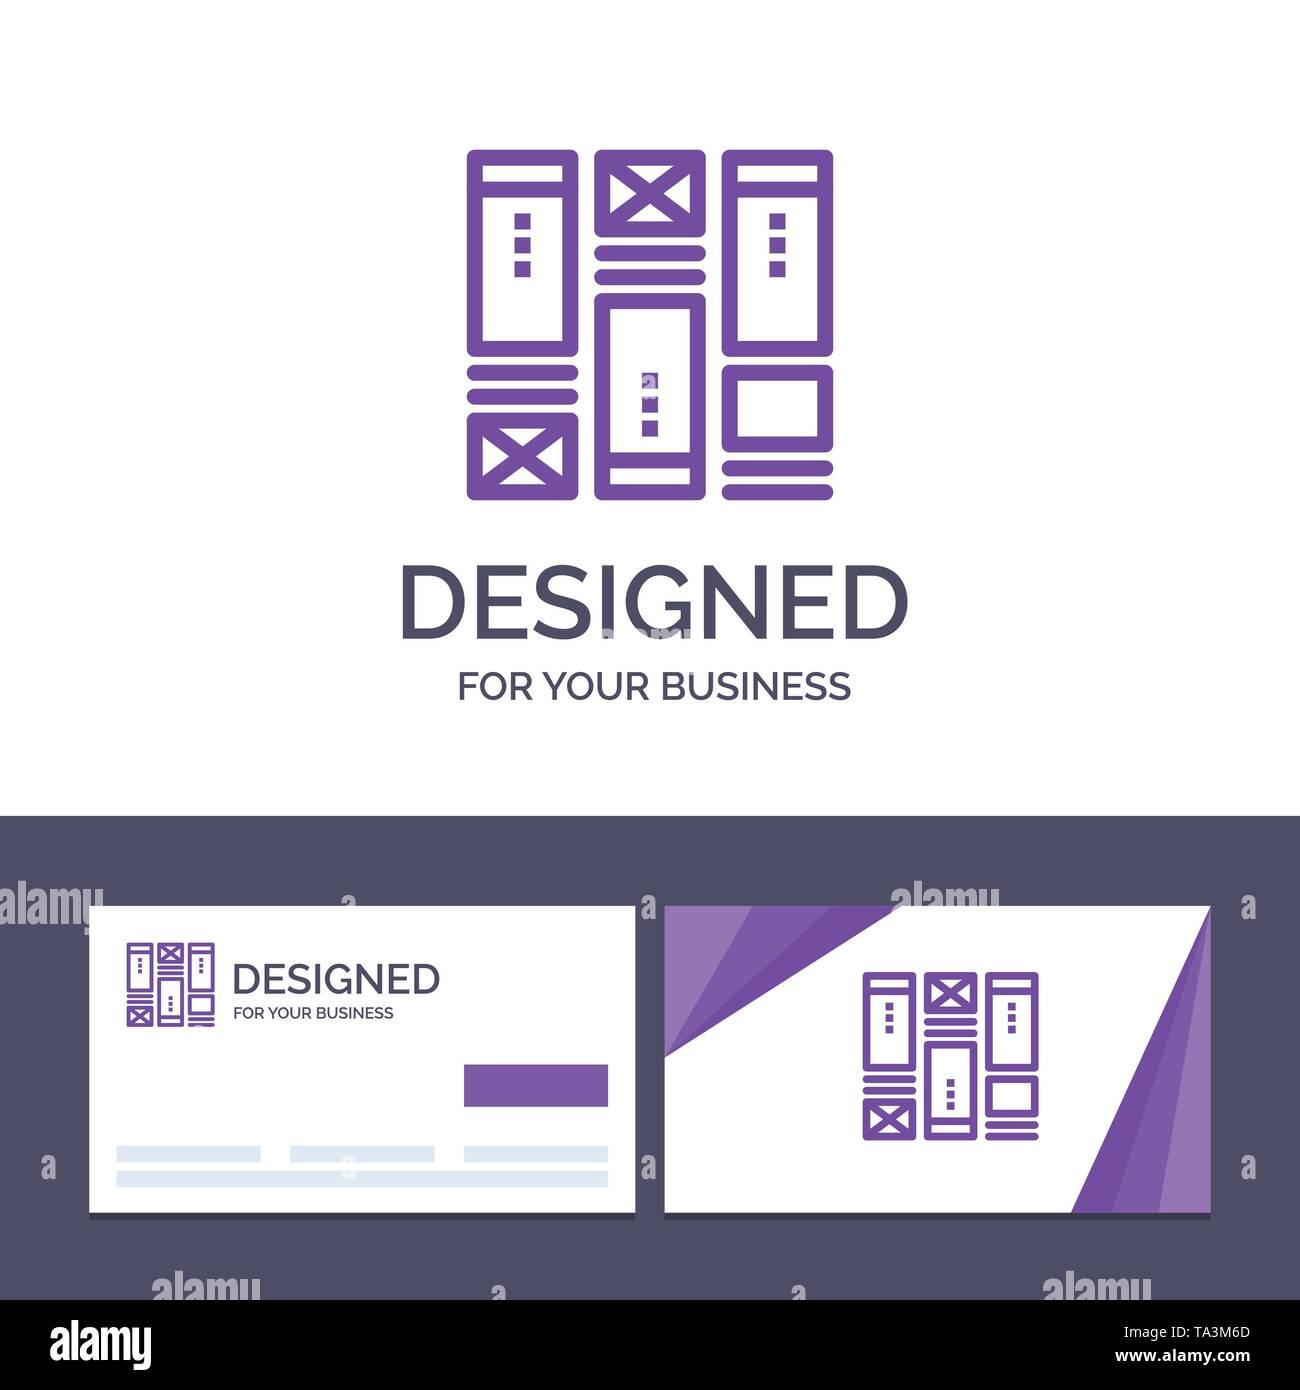 Creative Business Card und Logo Vorlage Kabel Framing, Skizzieren, Drahtmodell, Idee, Vektor, Abbildung Stockbild